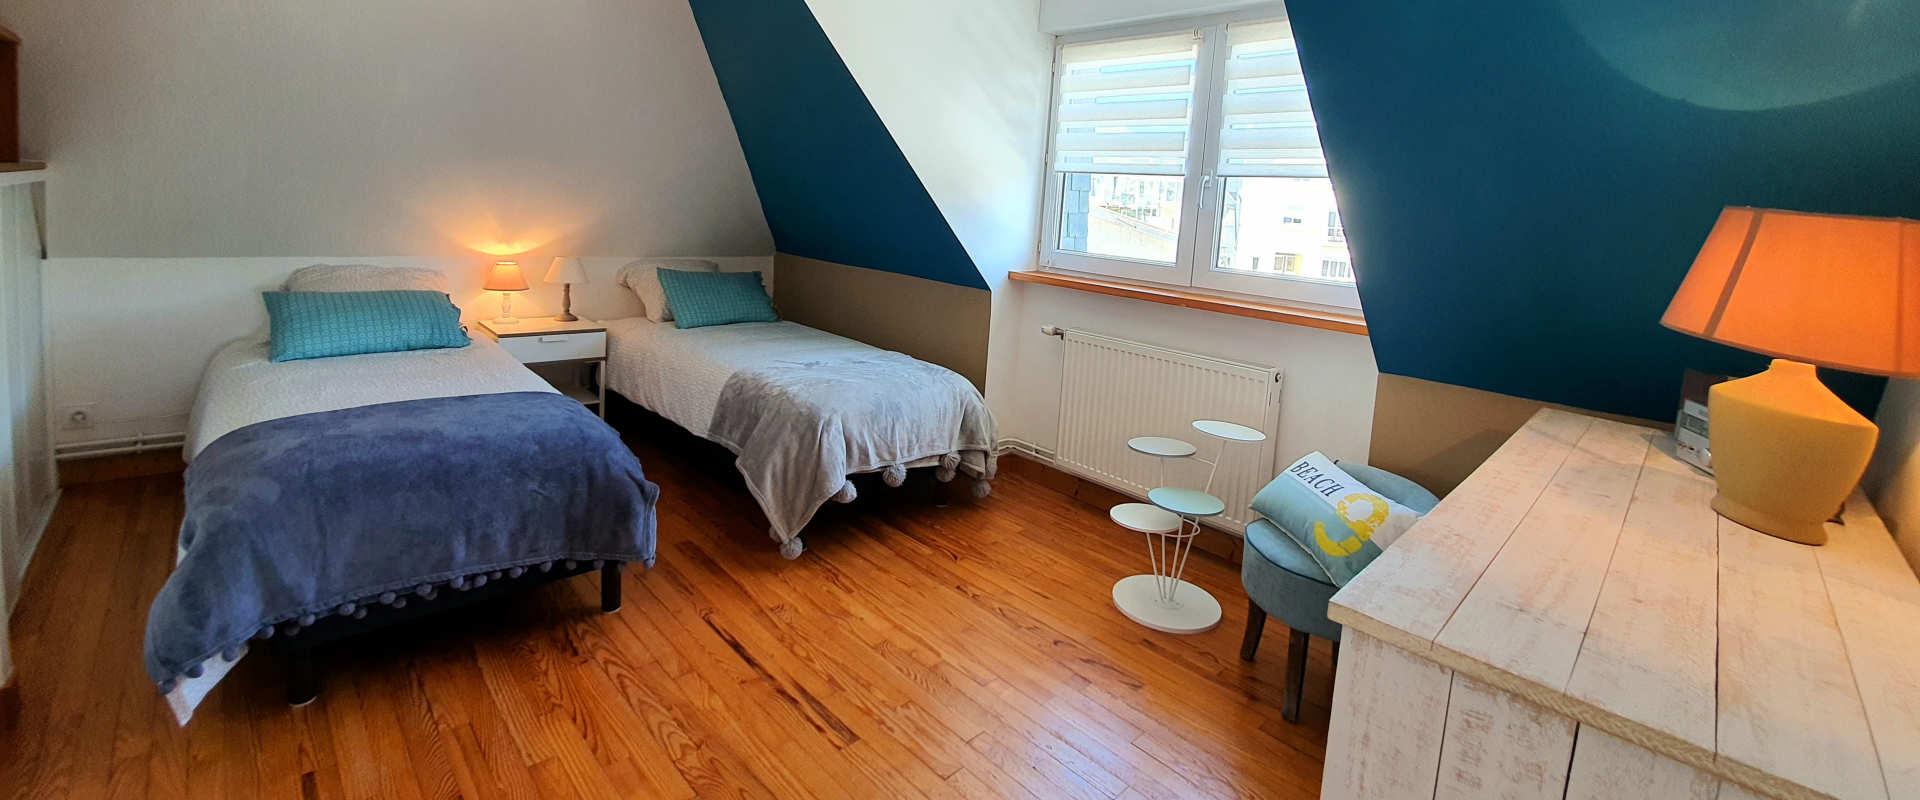 les-voiles-chambre4-etage2.jpg